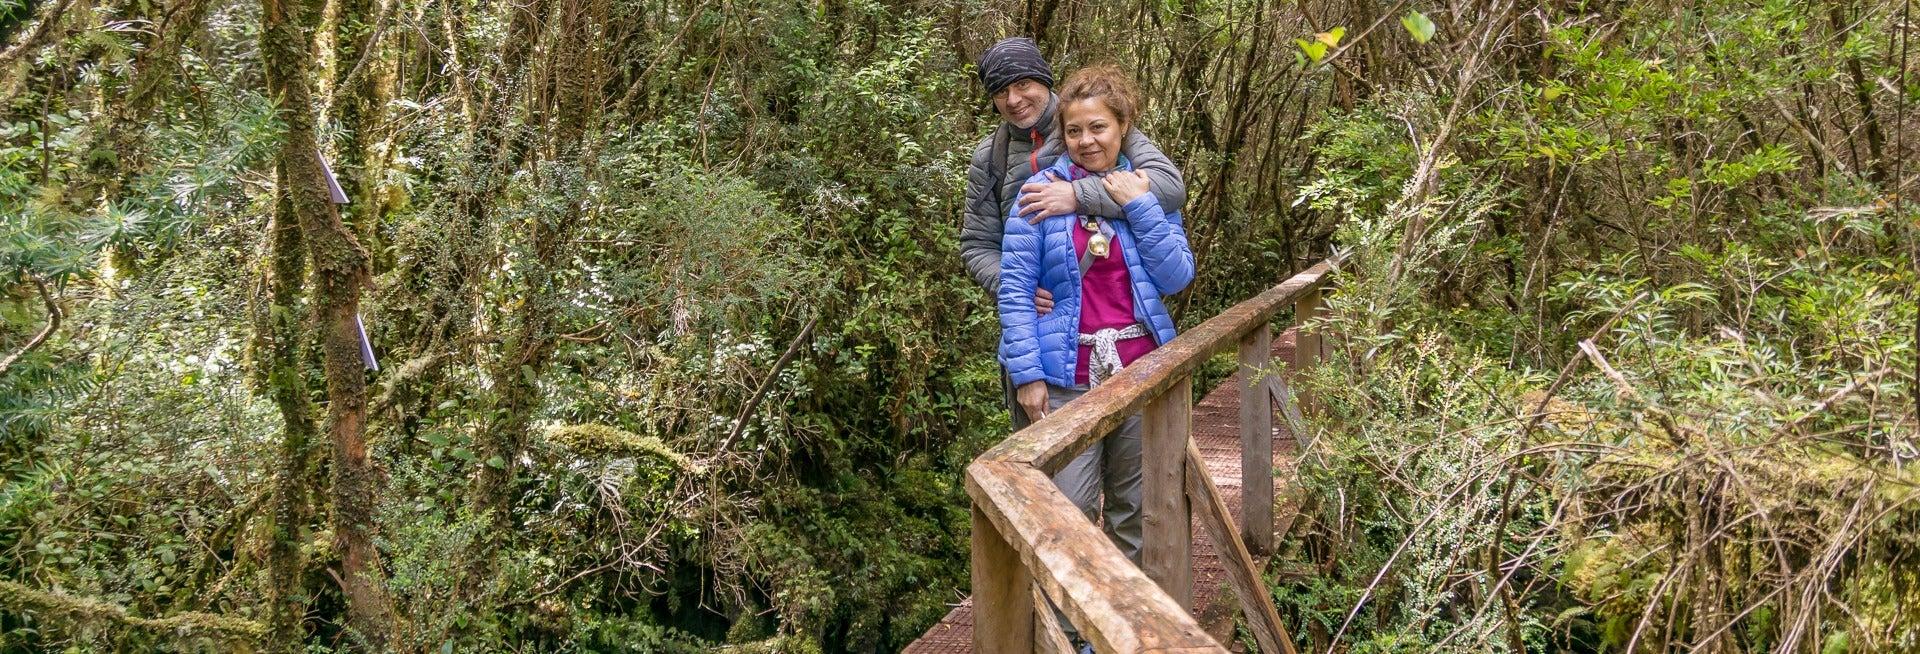 Excursión al Parque Tantauco